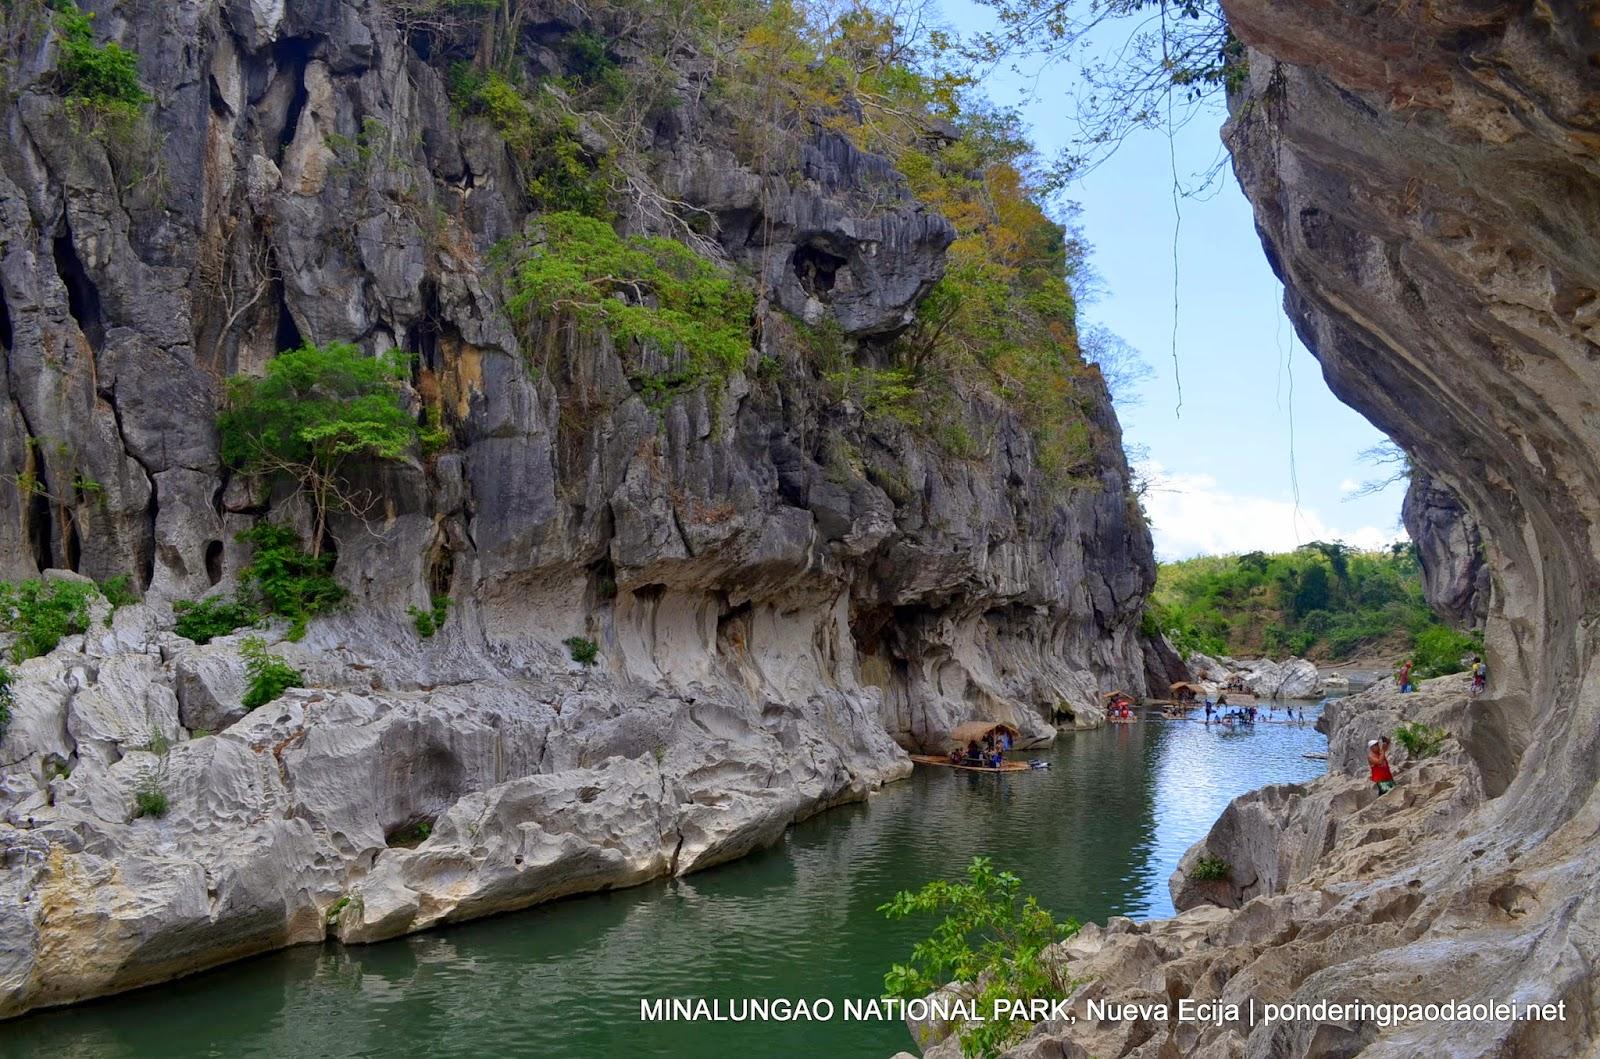 Minalungao National Park: A Secret No More